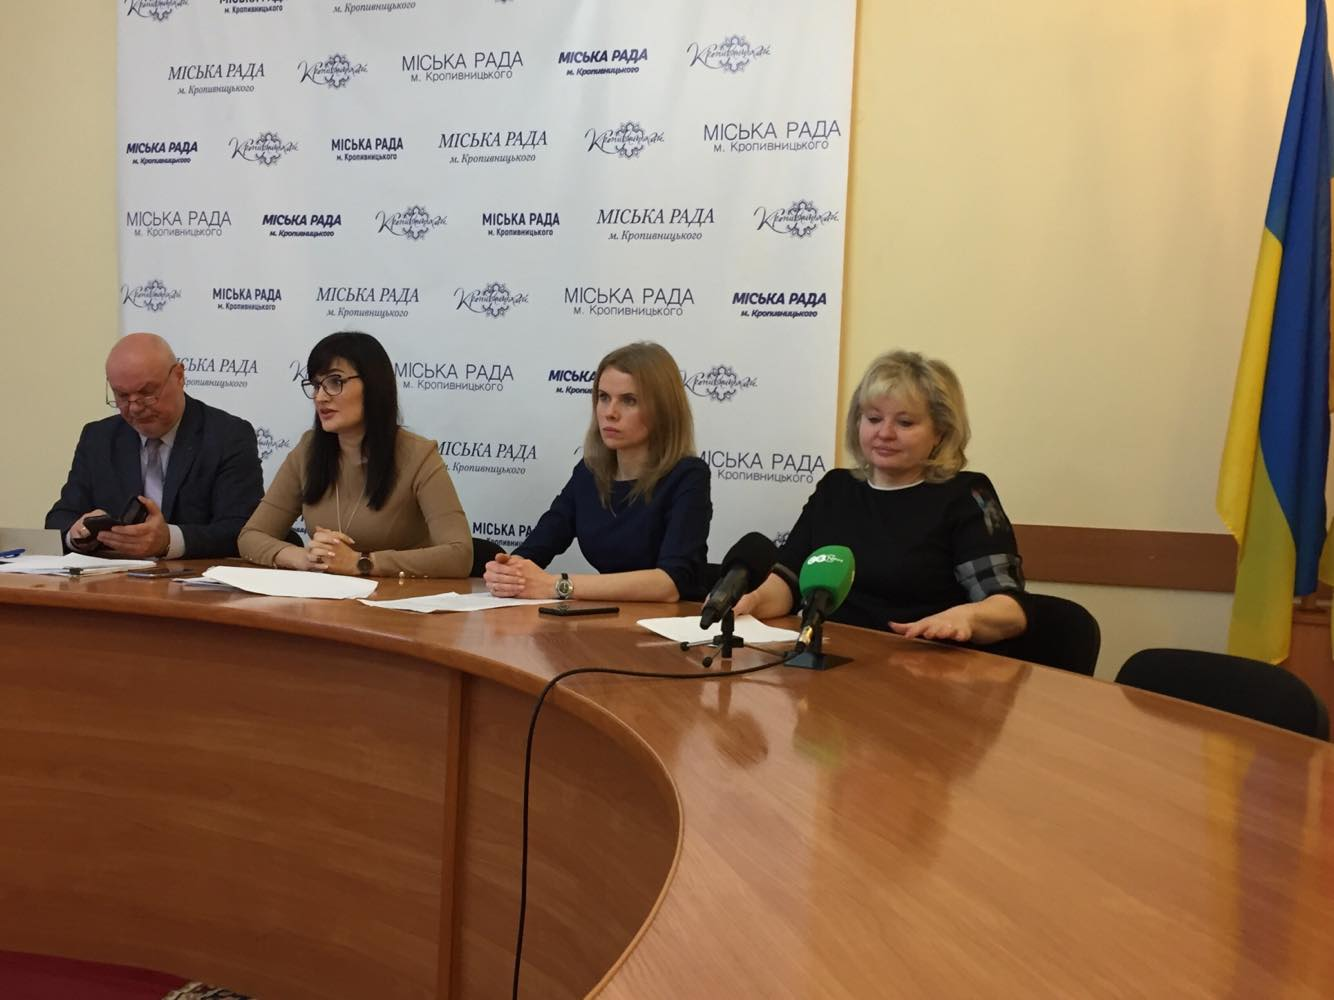 Без Купюр У школах Кропивницького в деяких класах ввели карантин Здоров'я  карантин грип ГРВІ 2020 рік